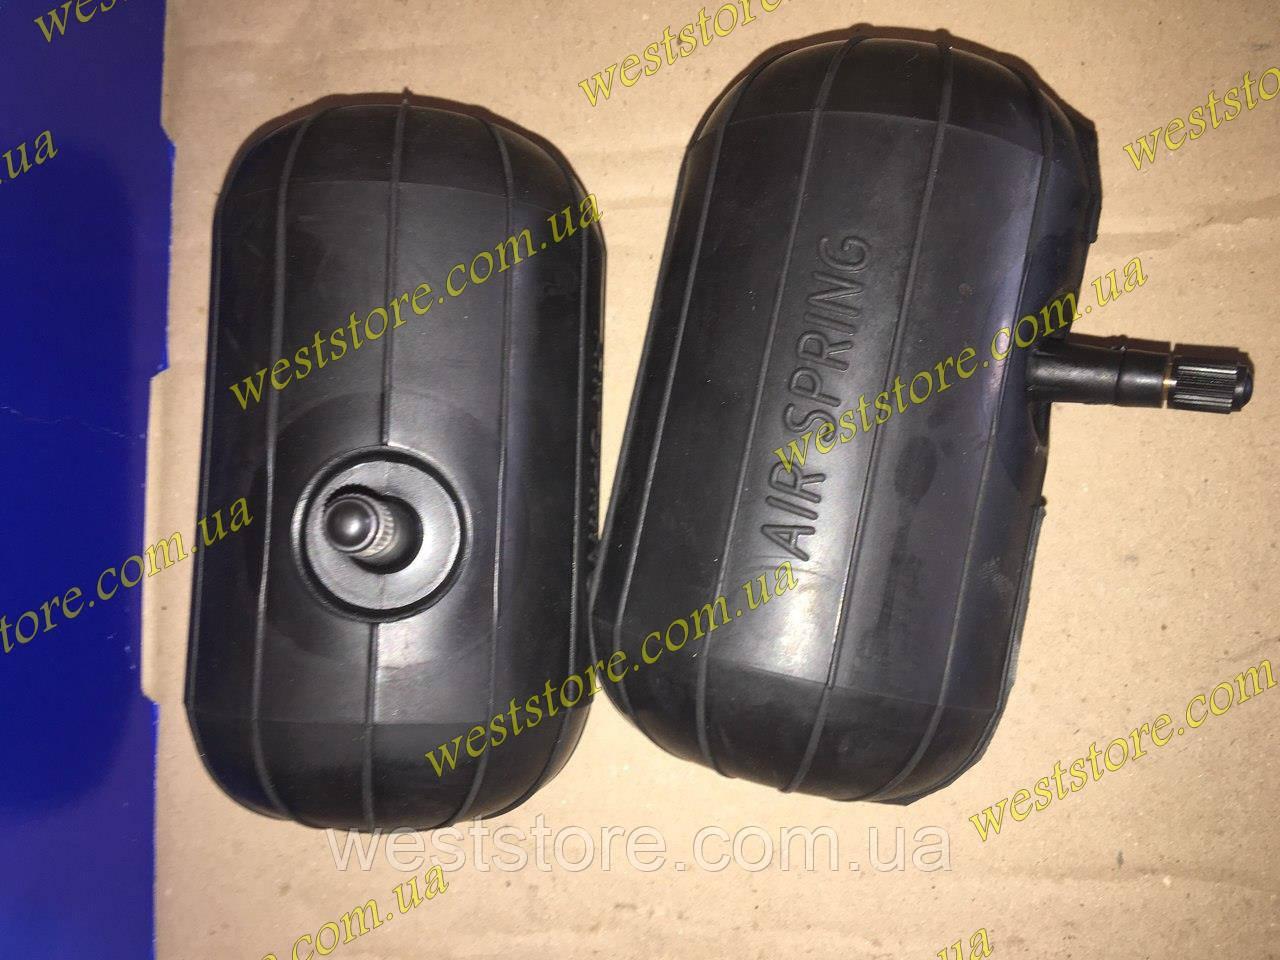 Пневмоподушки в пружины малые (короткие) усиленные Air Spring SSK сосок сбоку(d 83 мм, h 146 мм)